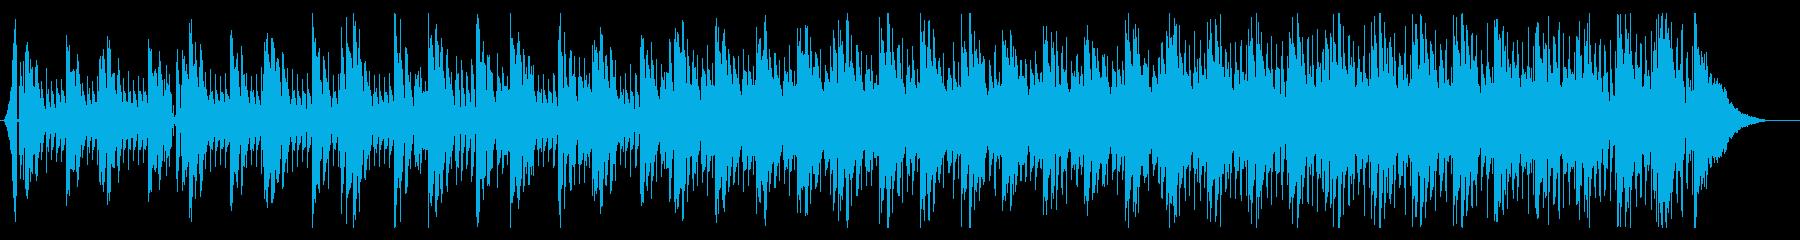 ニュース等に躍動感あるシンプル4つ打ちの再生済みの波形